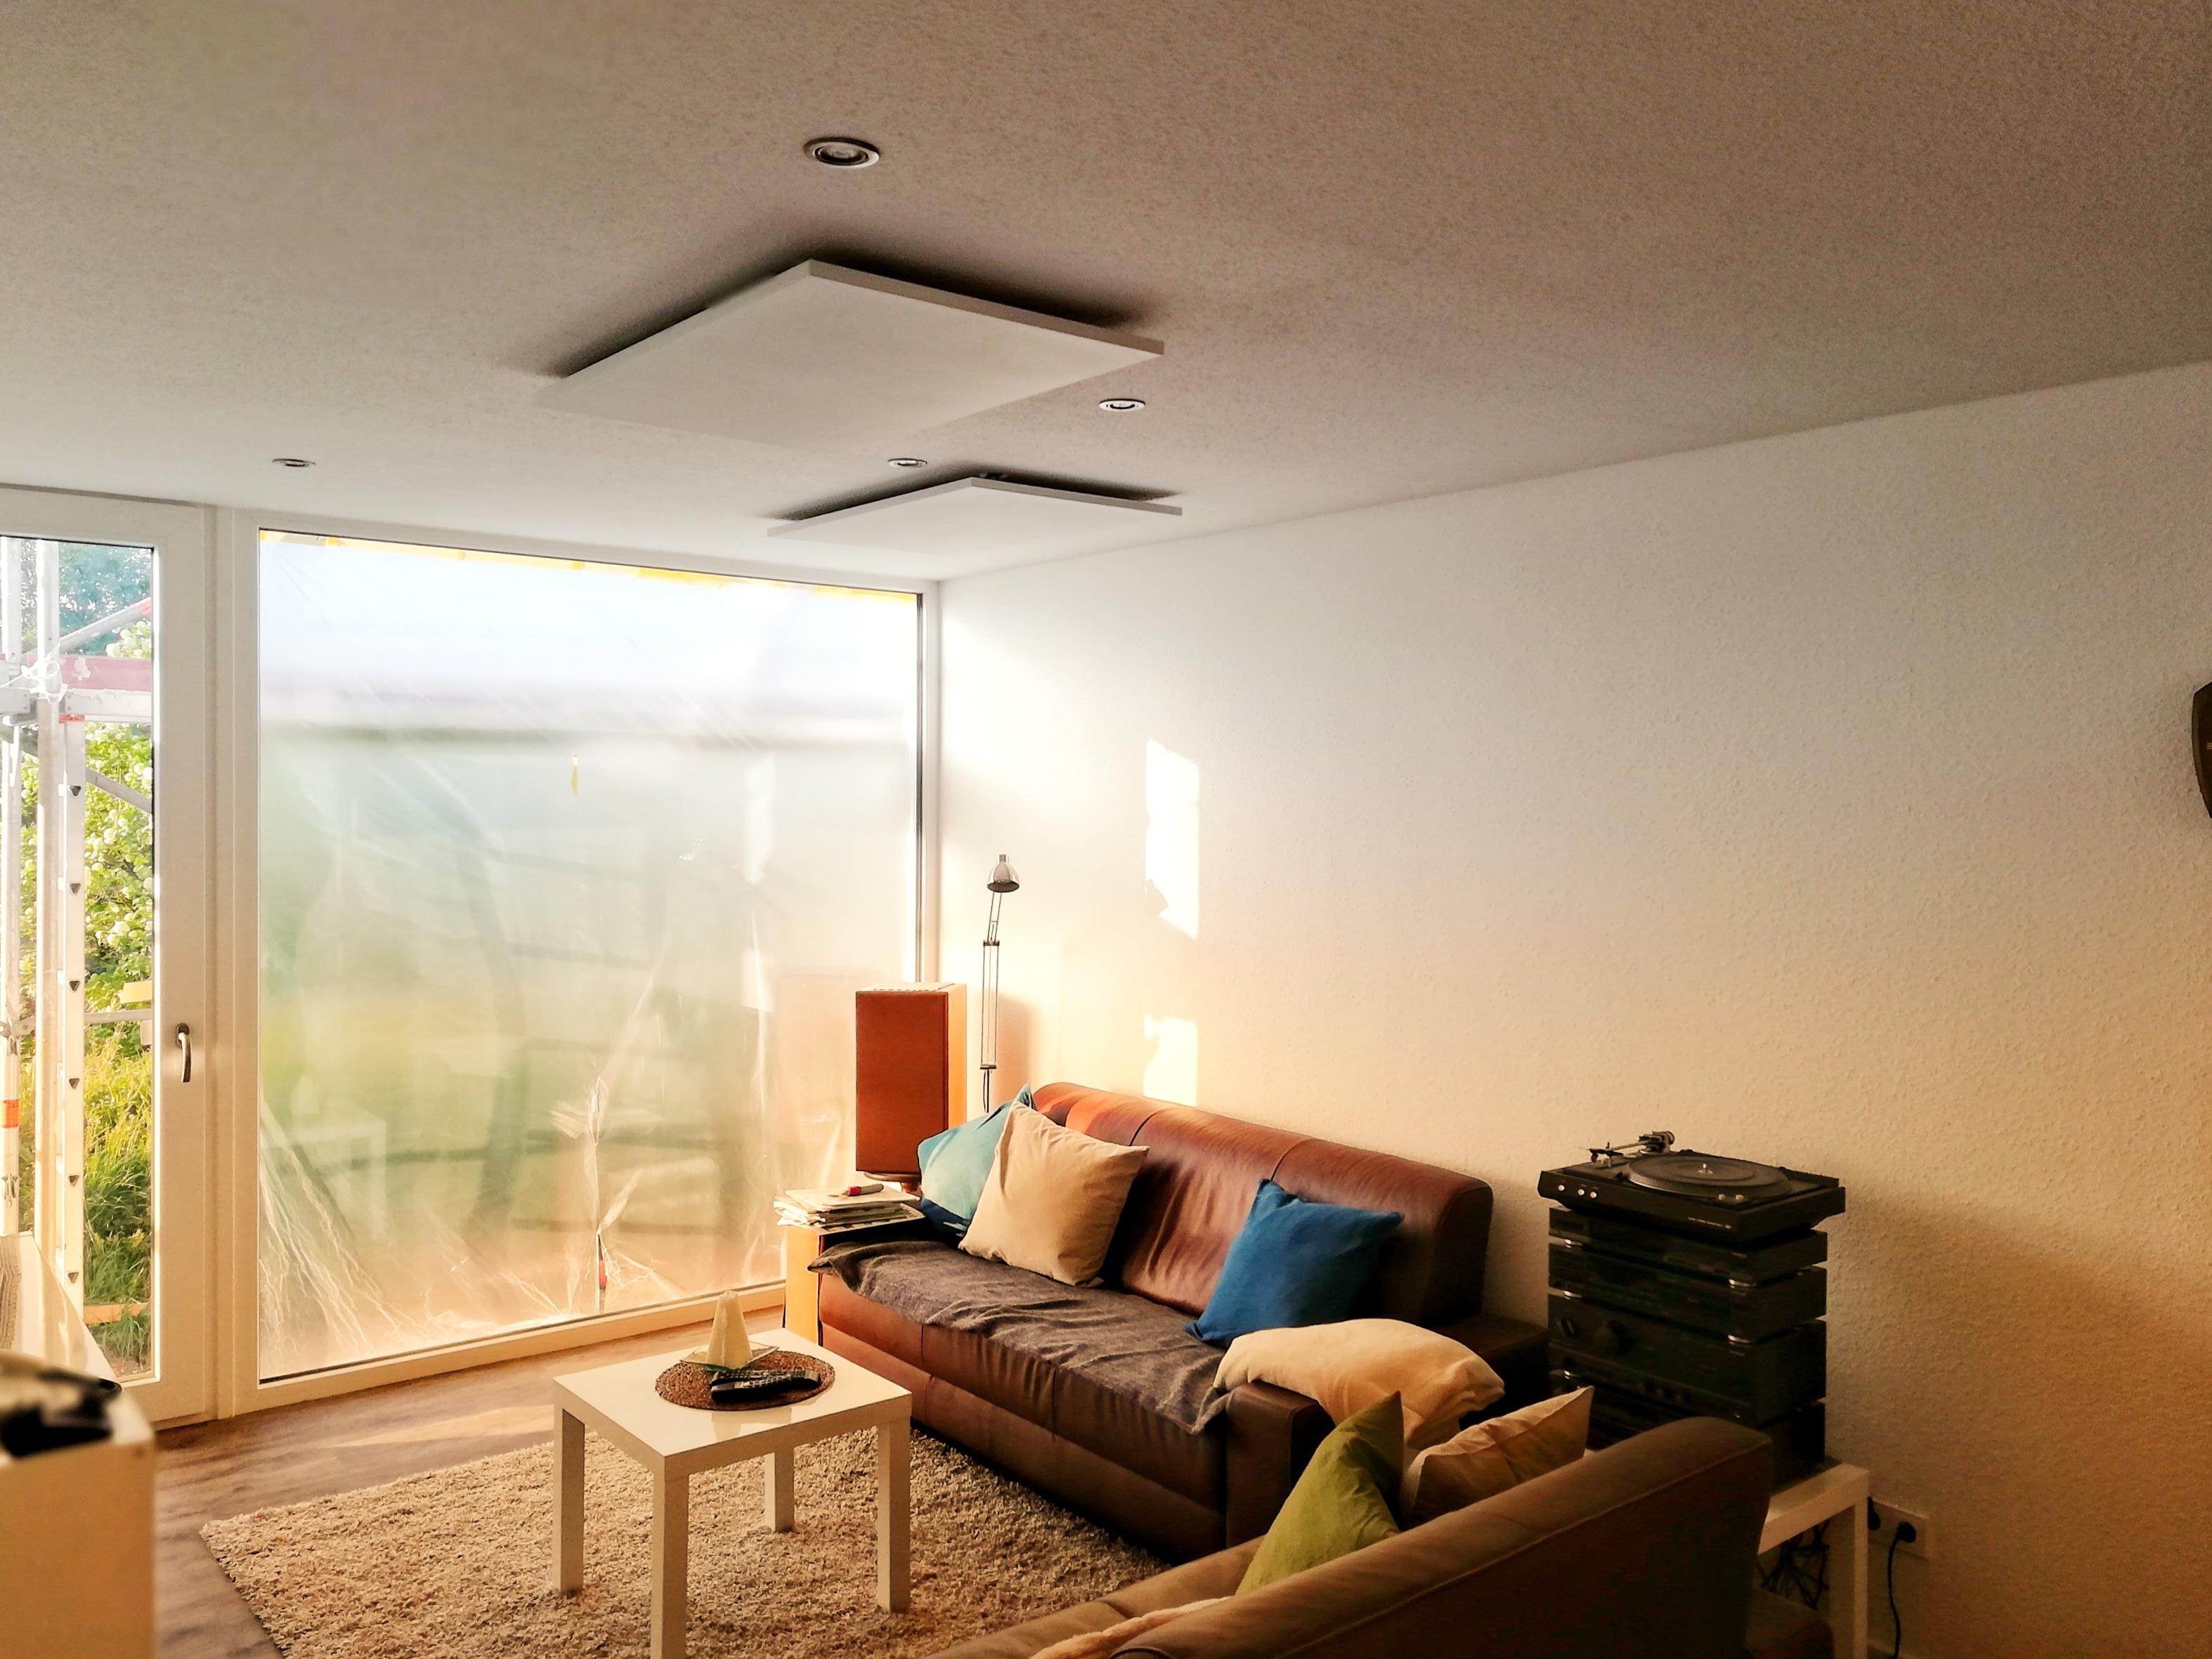 lakus-infrared-heating-panel